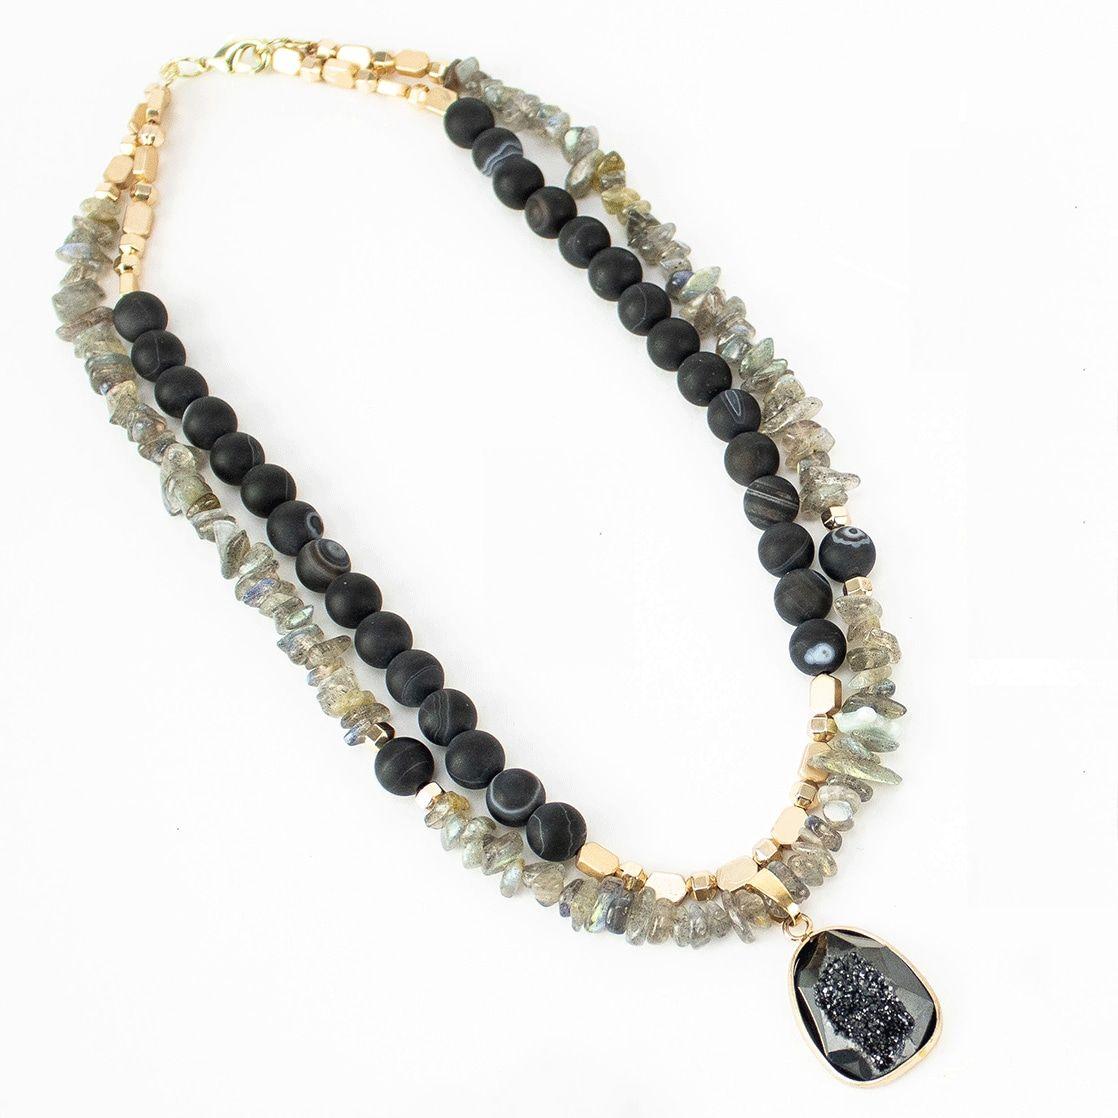 Labradorite and Black Druzy Halloween Necklace